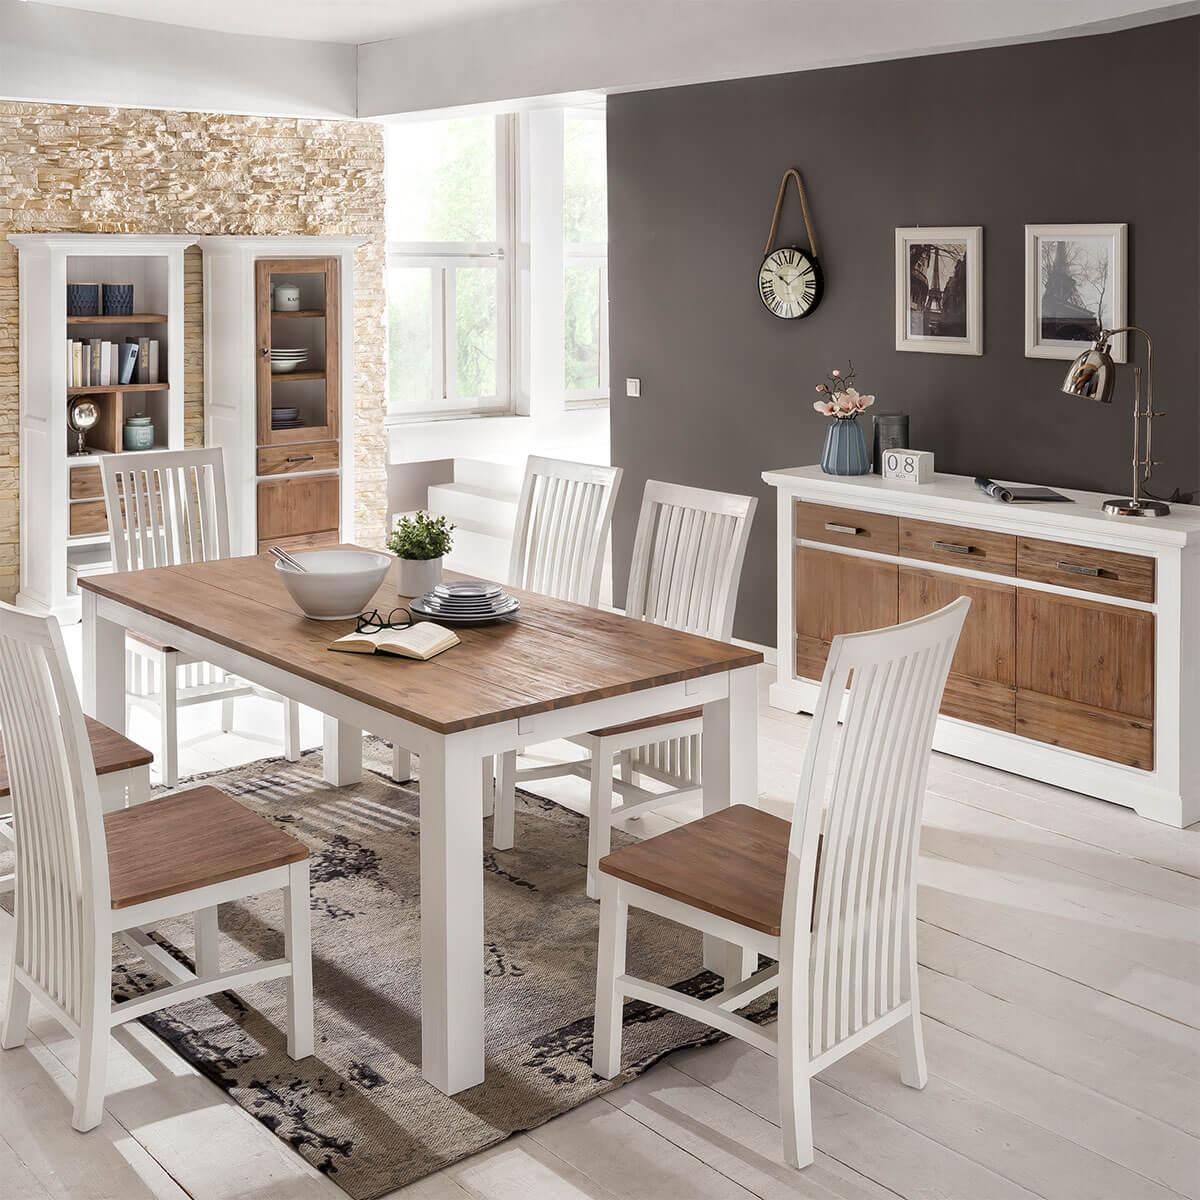 esstisch wei braun 180 cm lale in akazie. Black Bedroom Furniture Sets. Home Design Ideas